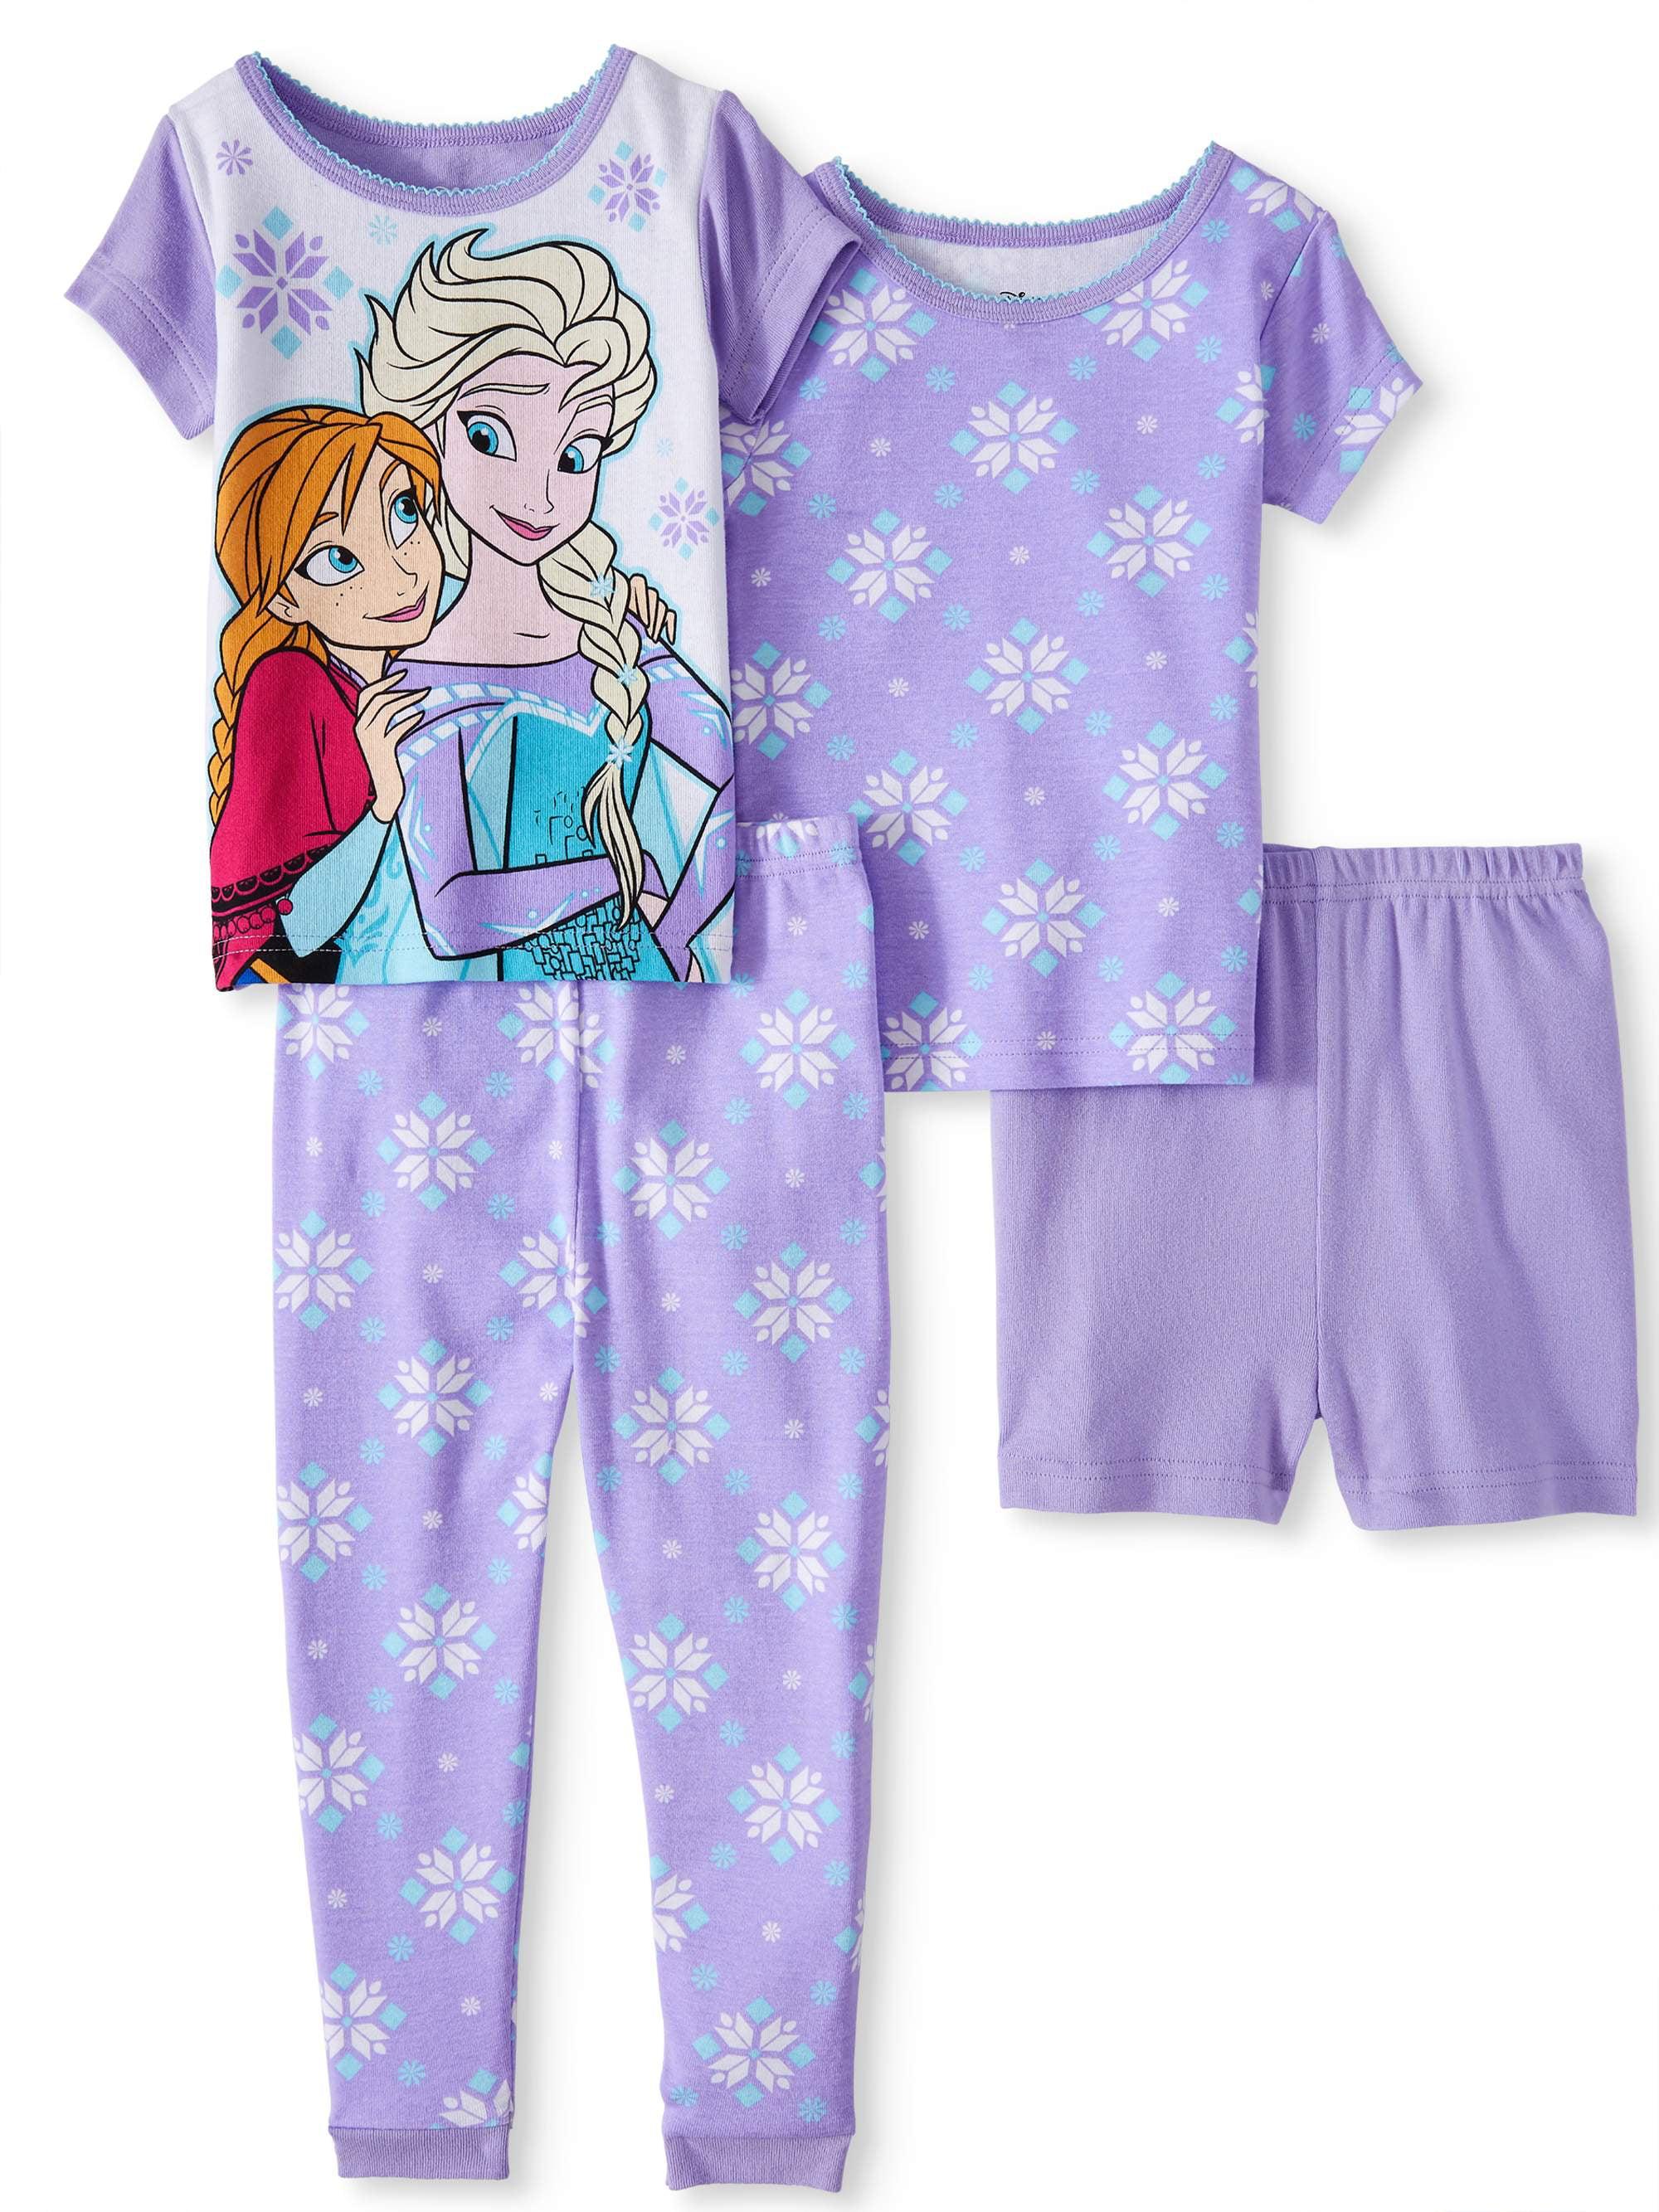 Cotton Tight Fit Pajamas, 4pc Set (Toddler Girls)